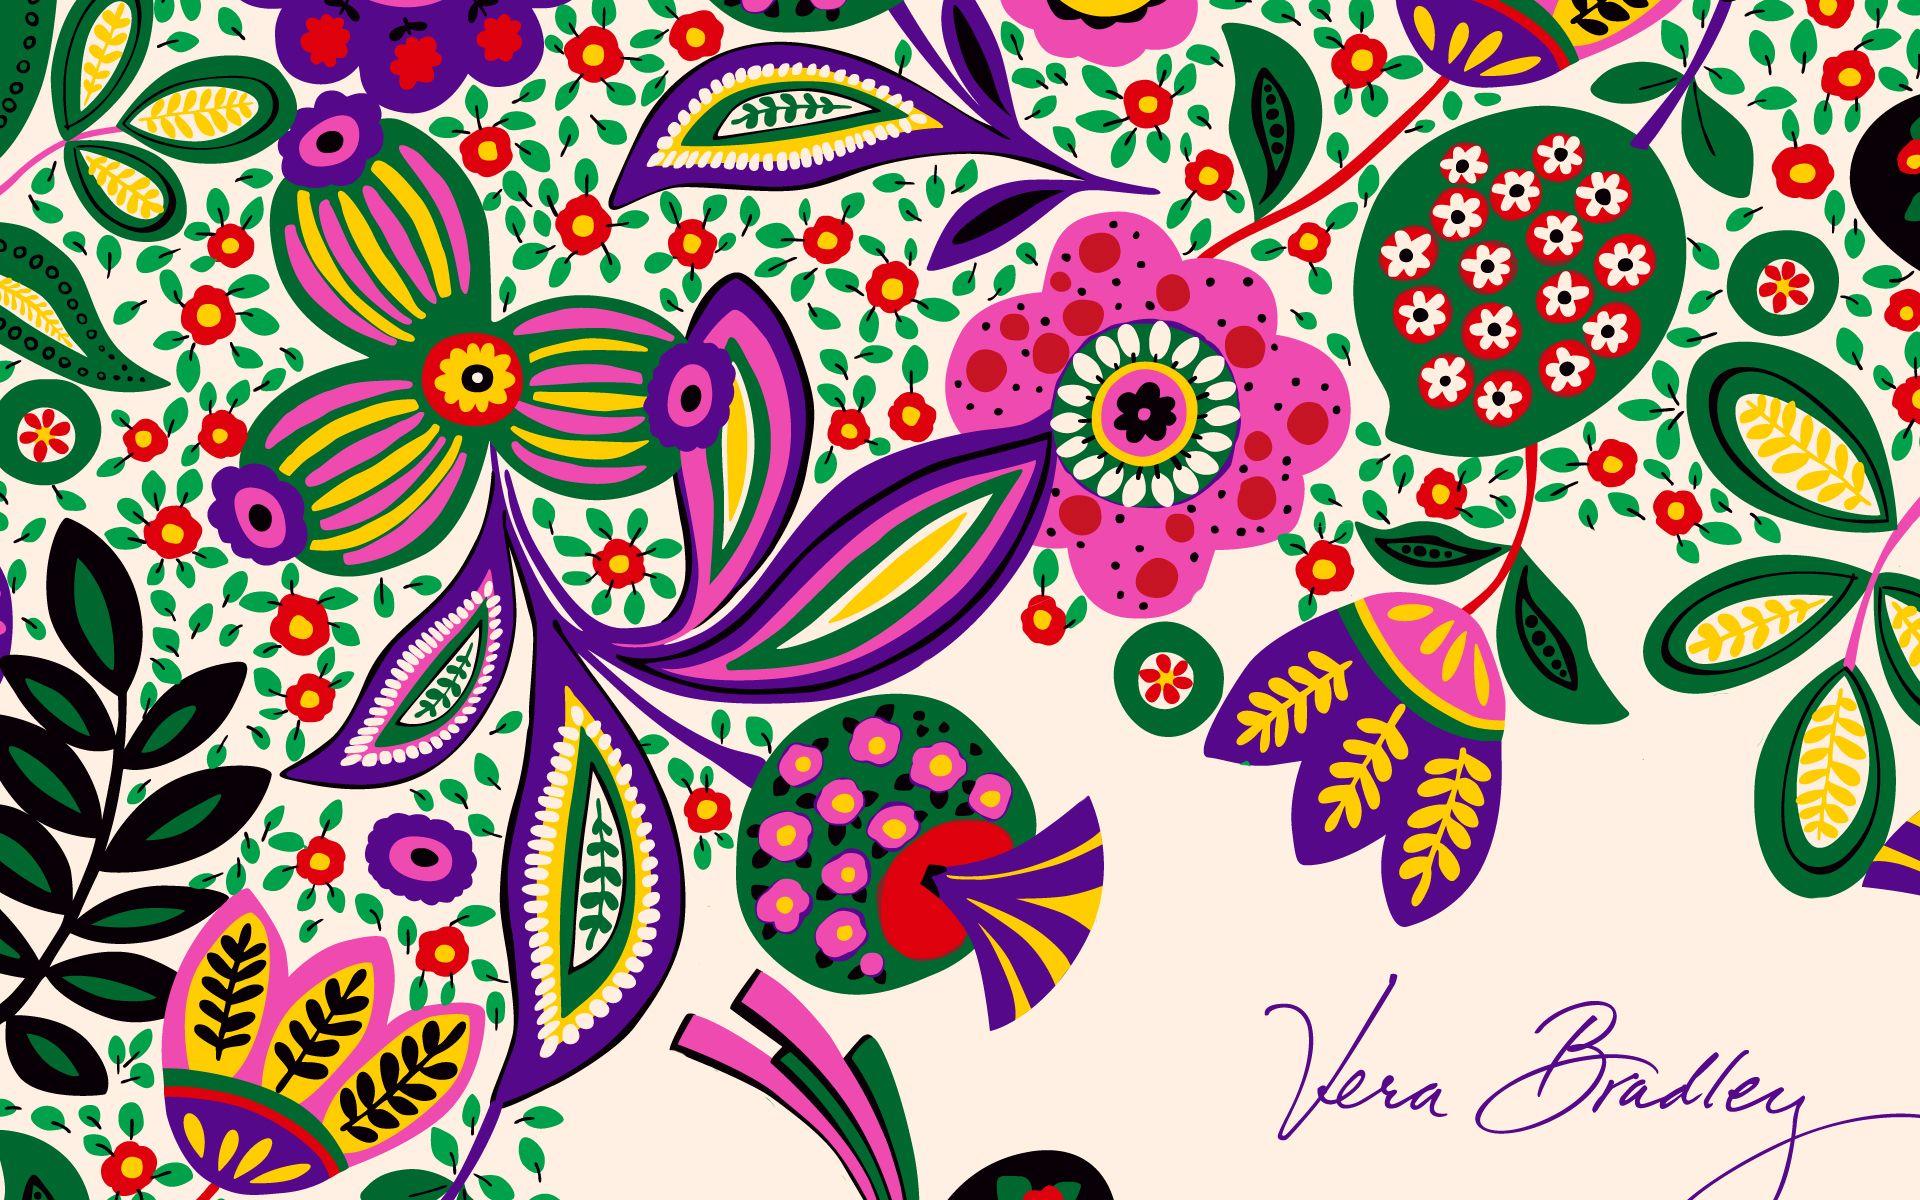 Vera Bradley Wallpaper For Computer Wallpapersafari